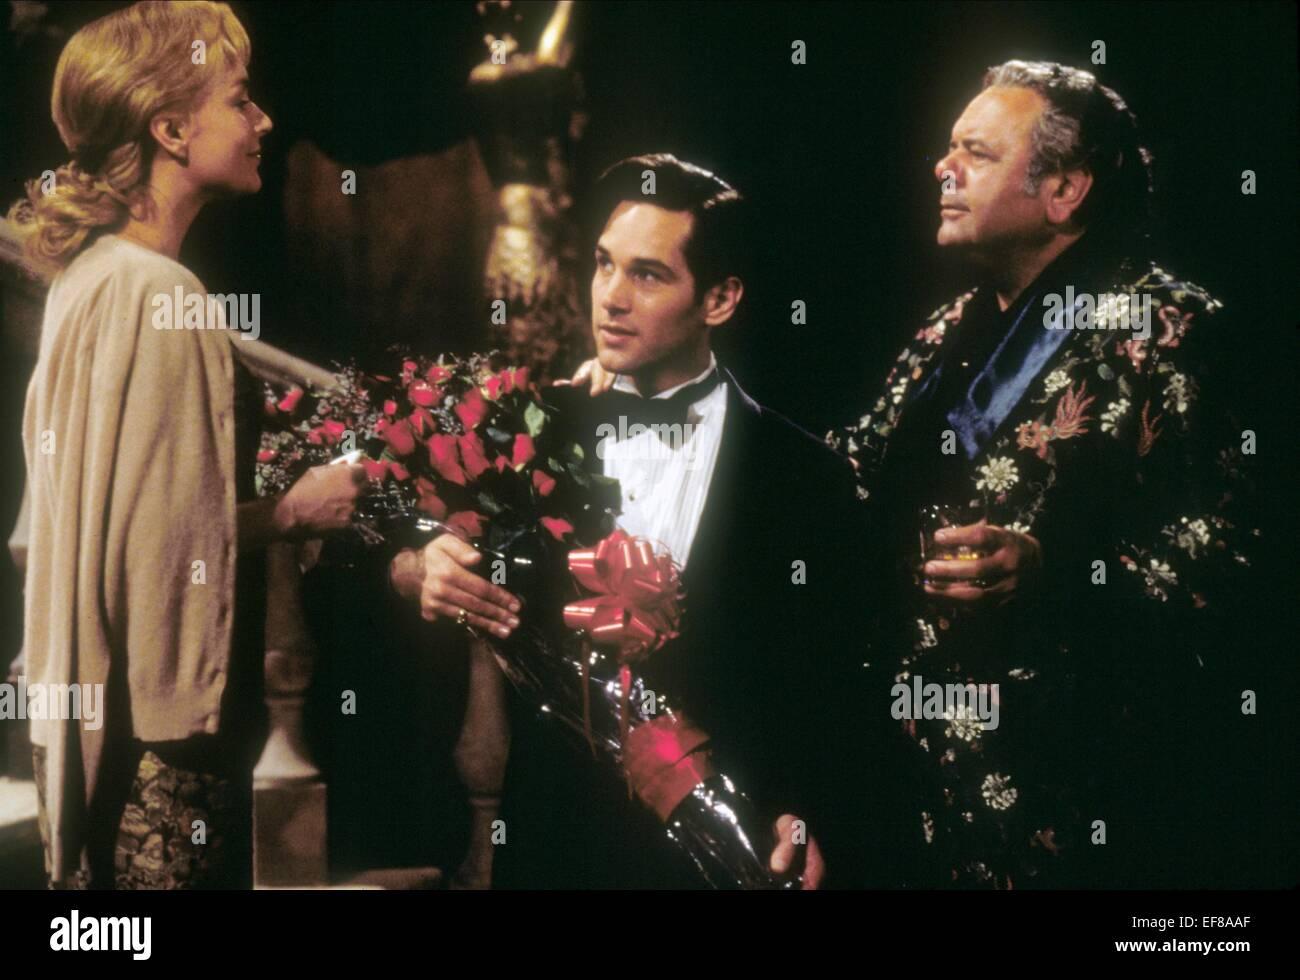 PAUL RUDD & PAUL SORVINO ROMEO + JULIET (1996 Stock Photo ...